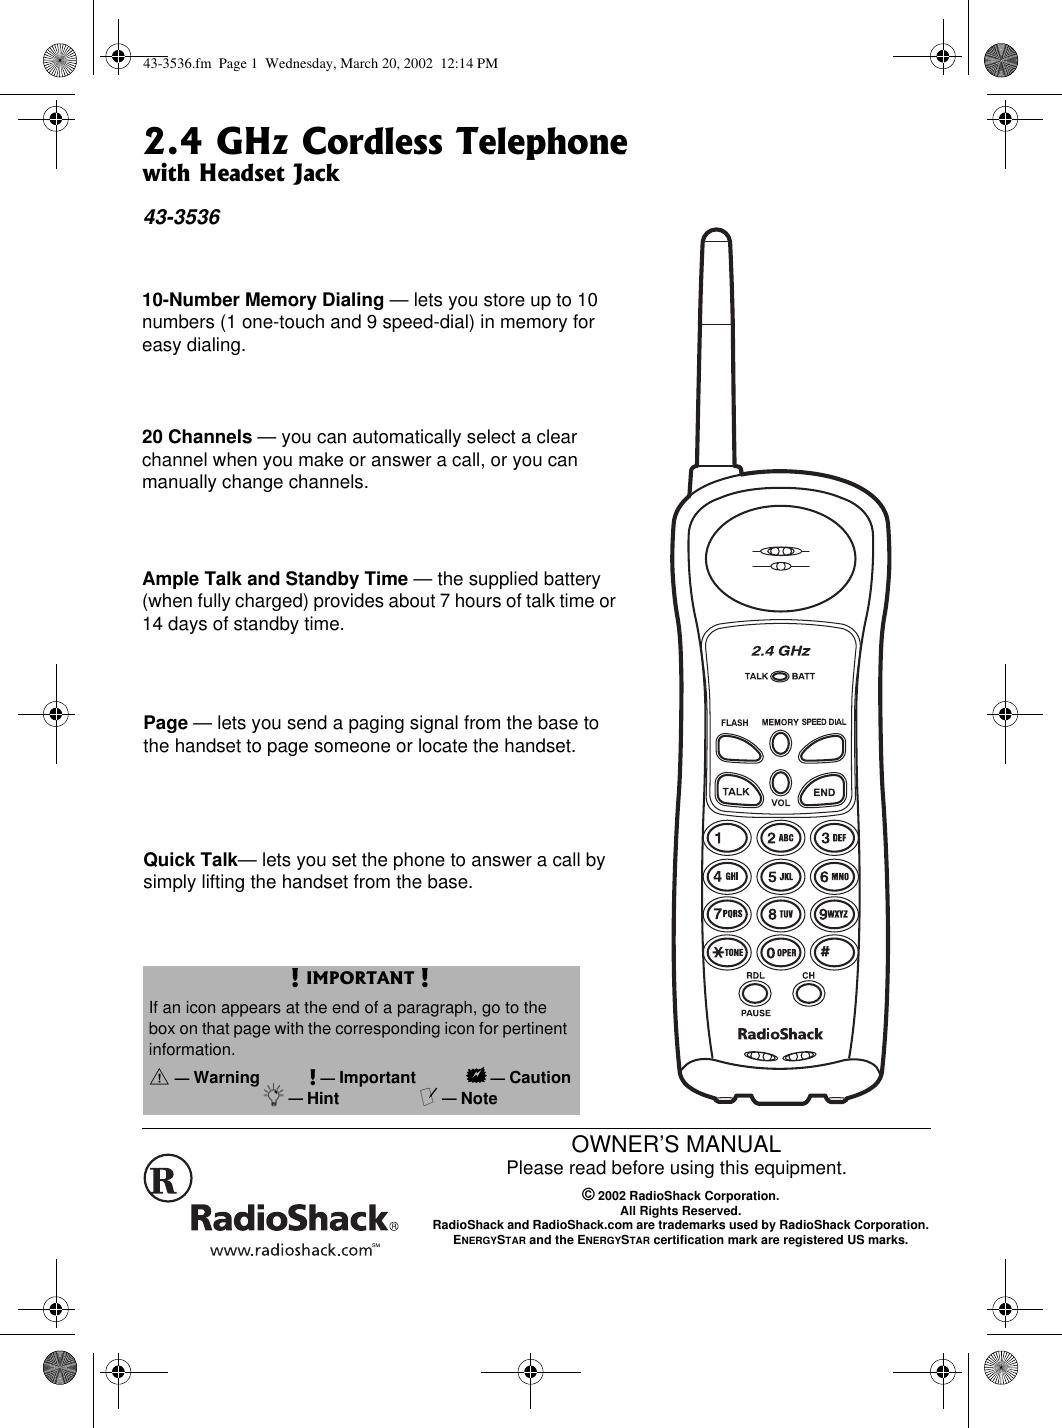 Radio Shack 4303536 Cordless Telephone - Base User Manual